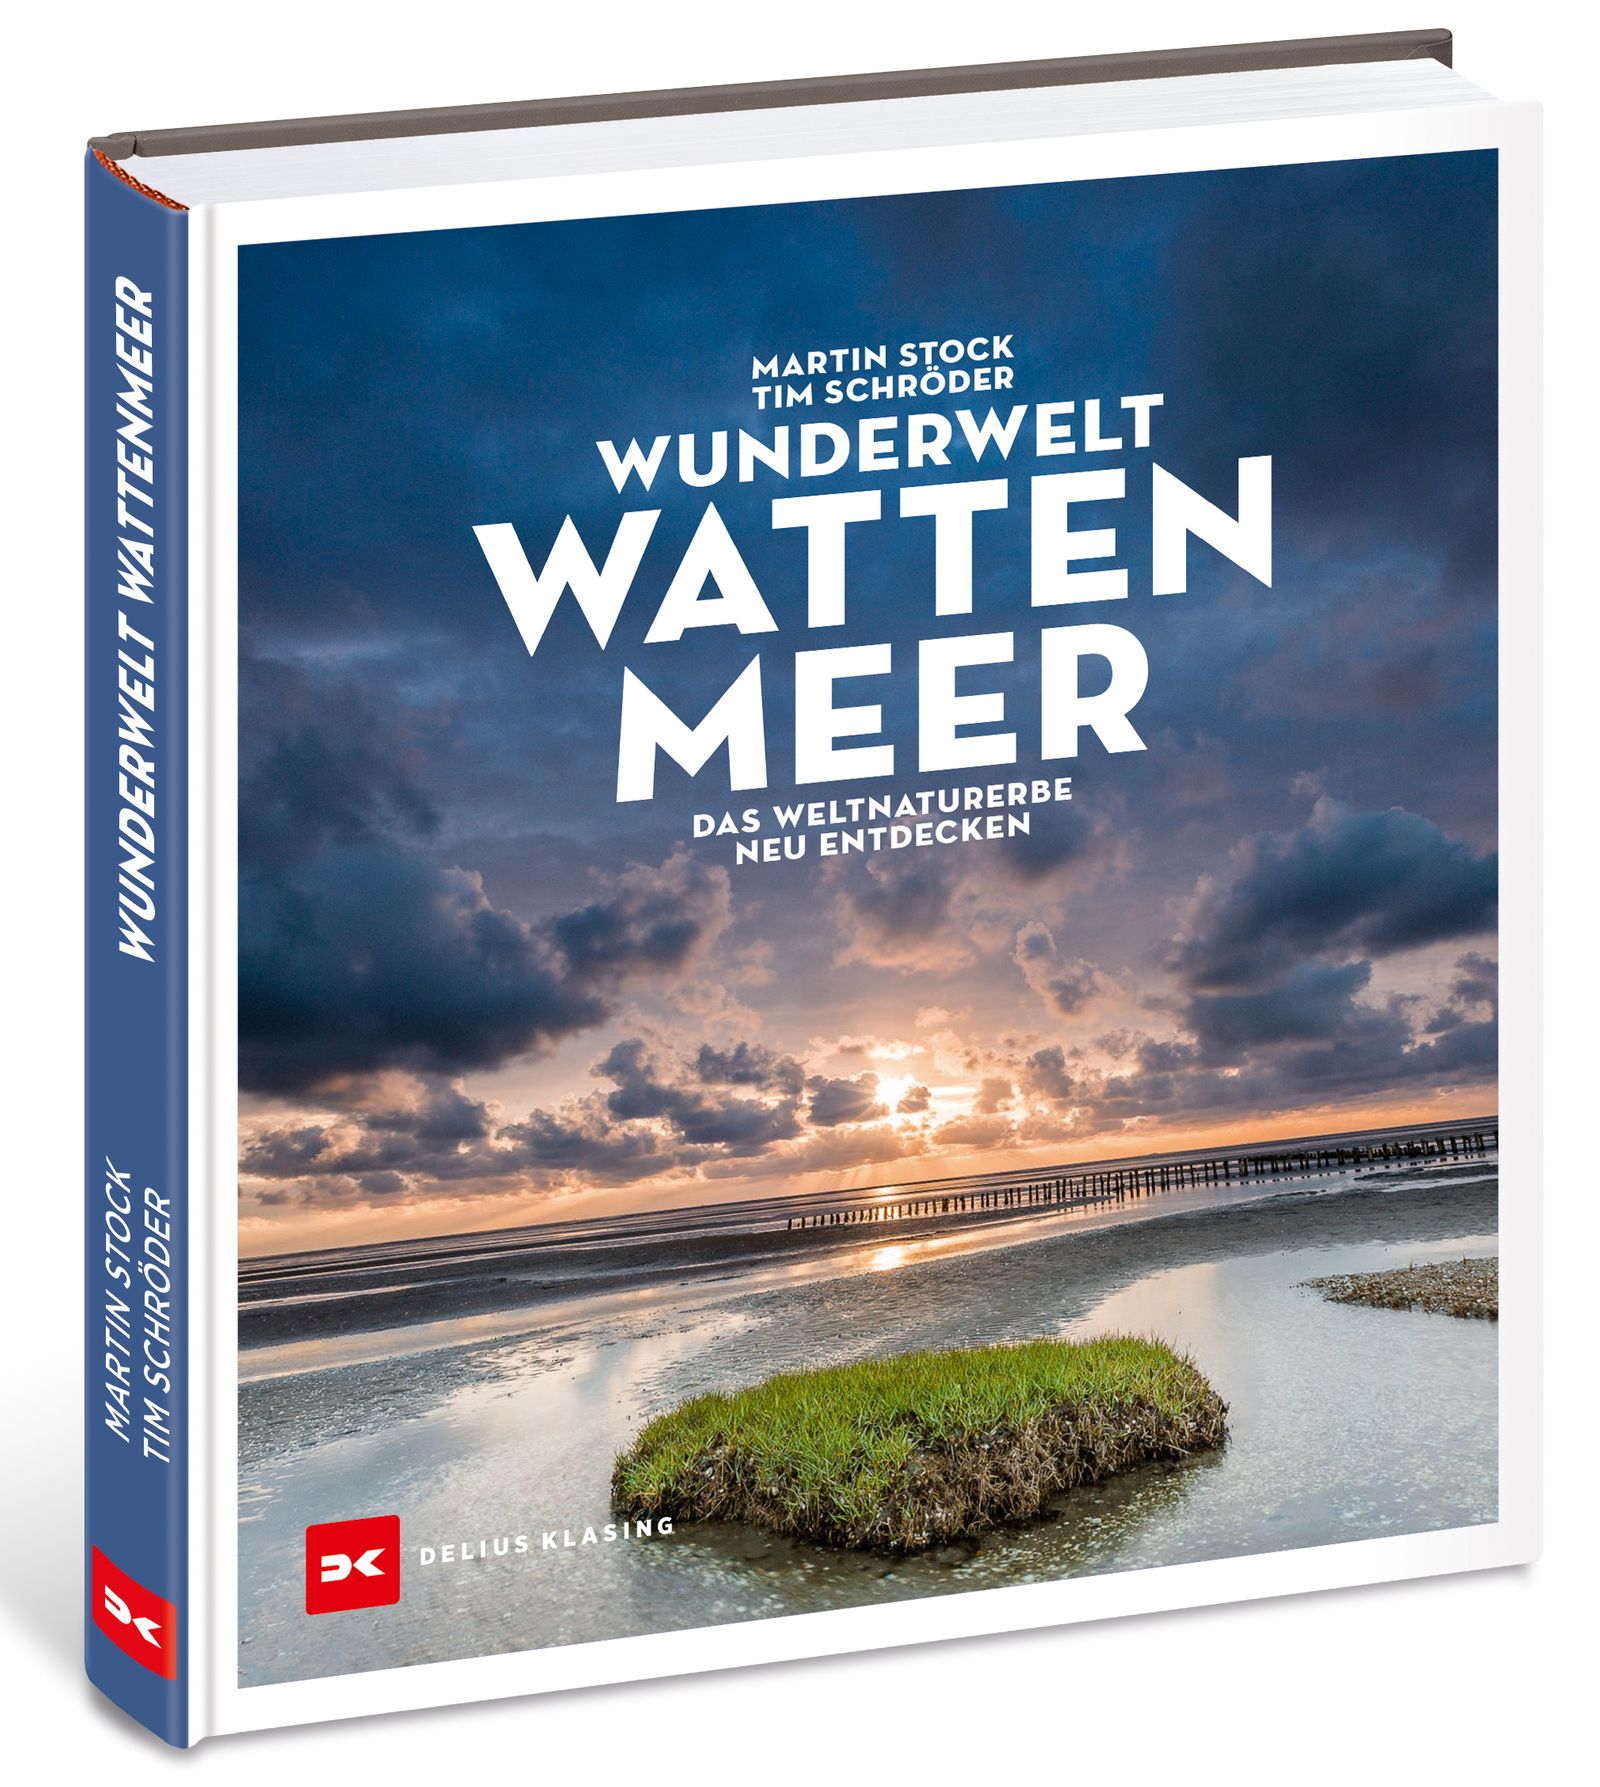 BUCHCOVER / Wunderwelt Wattenmeer / Delius Klasing Verlag